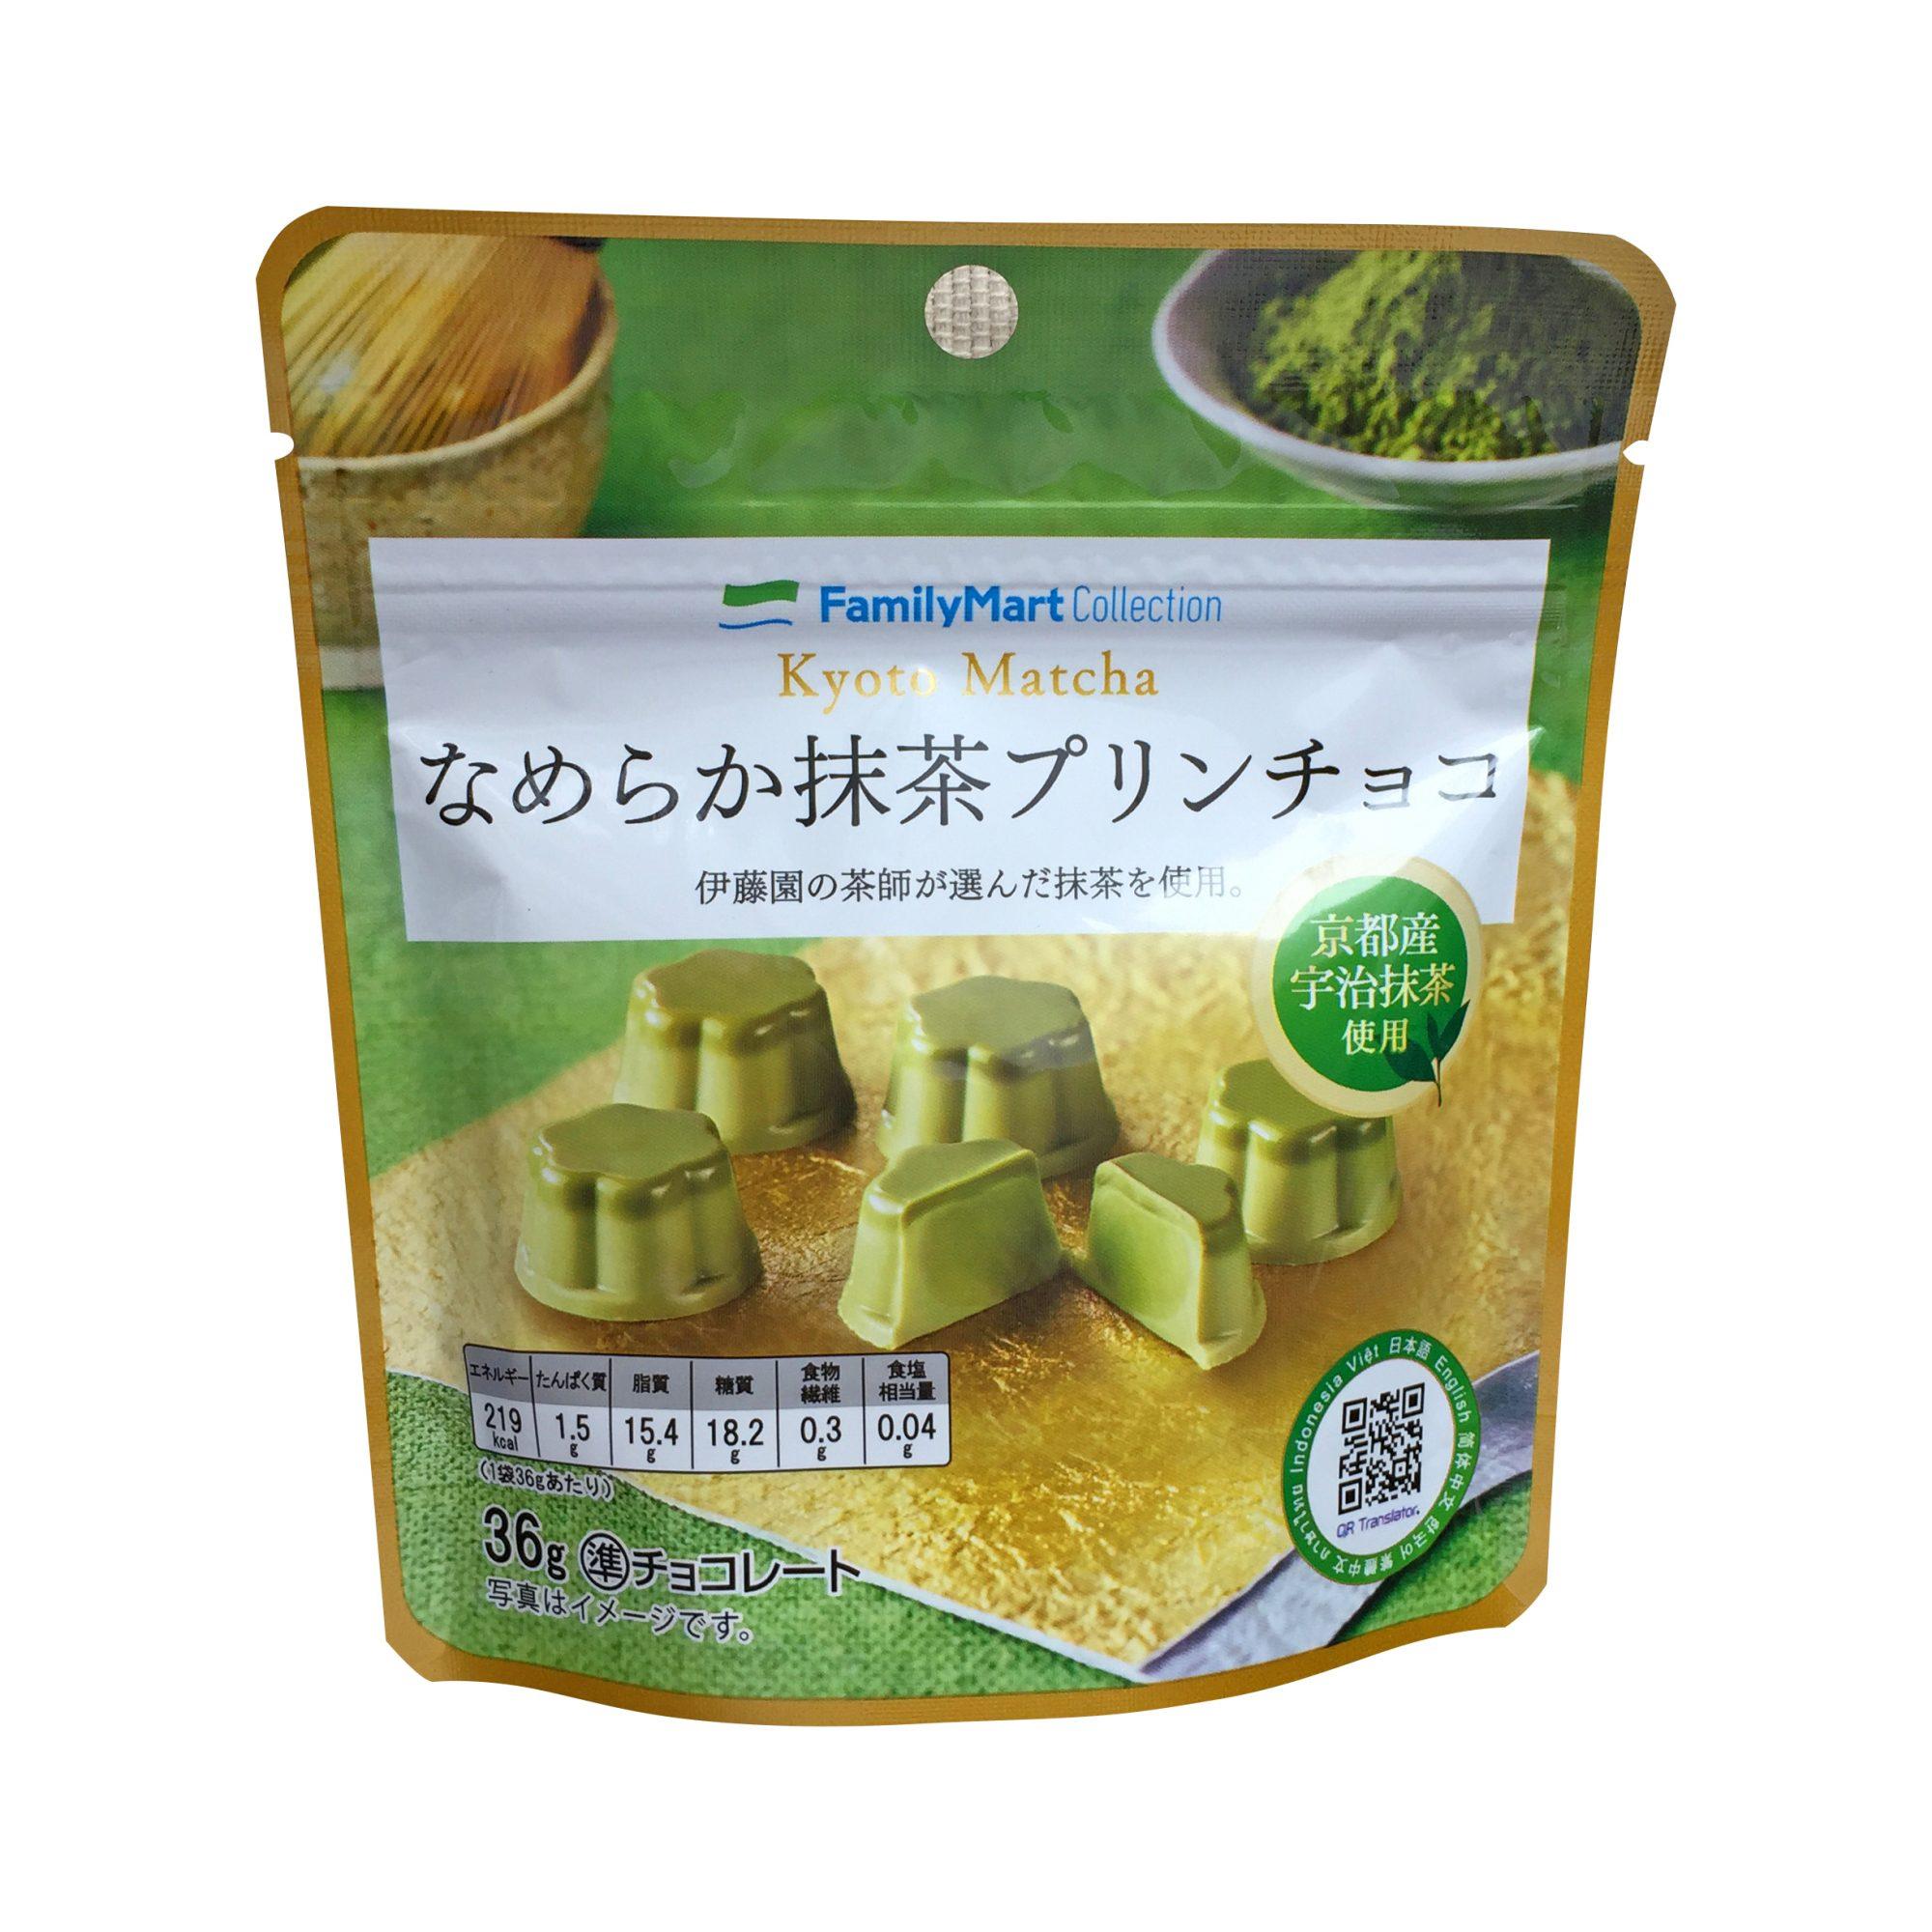 ファミリーマート『なめらか抹茶プリンチョコ』は京都産宇治抹茶を使用したかわいいチョコ!だけど…